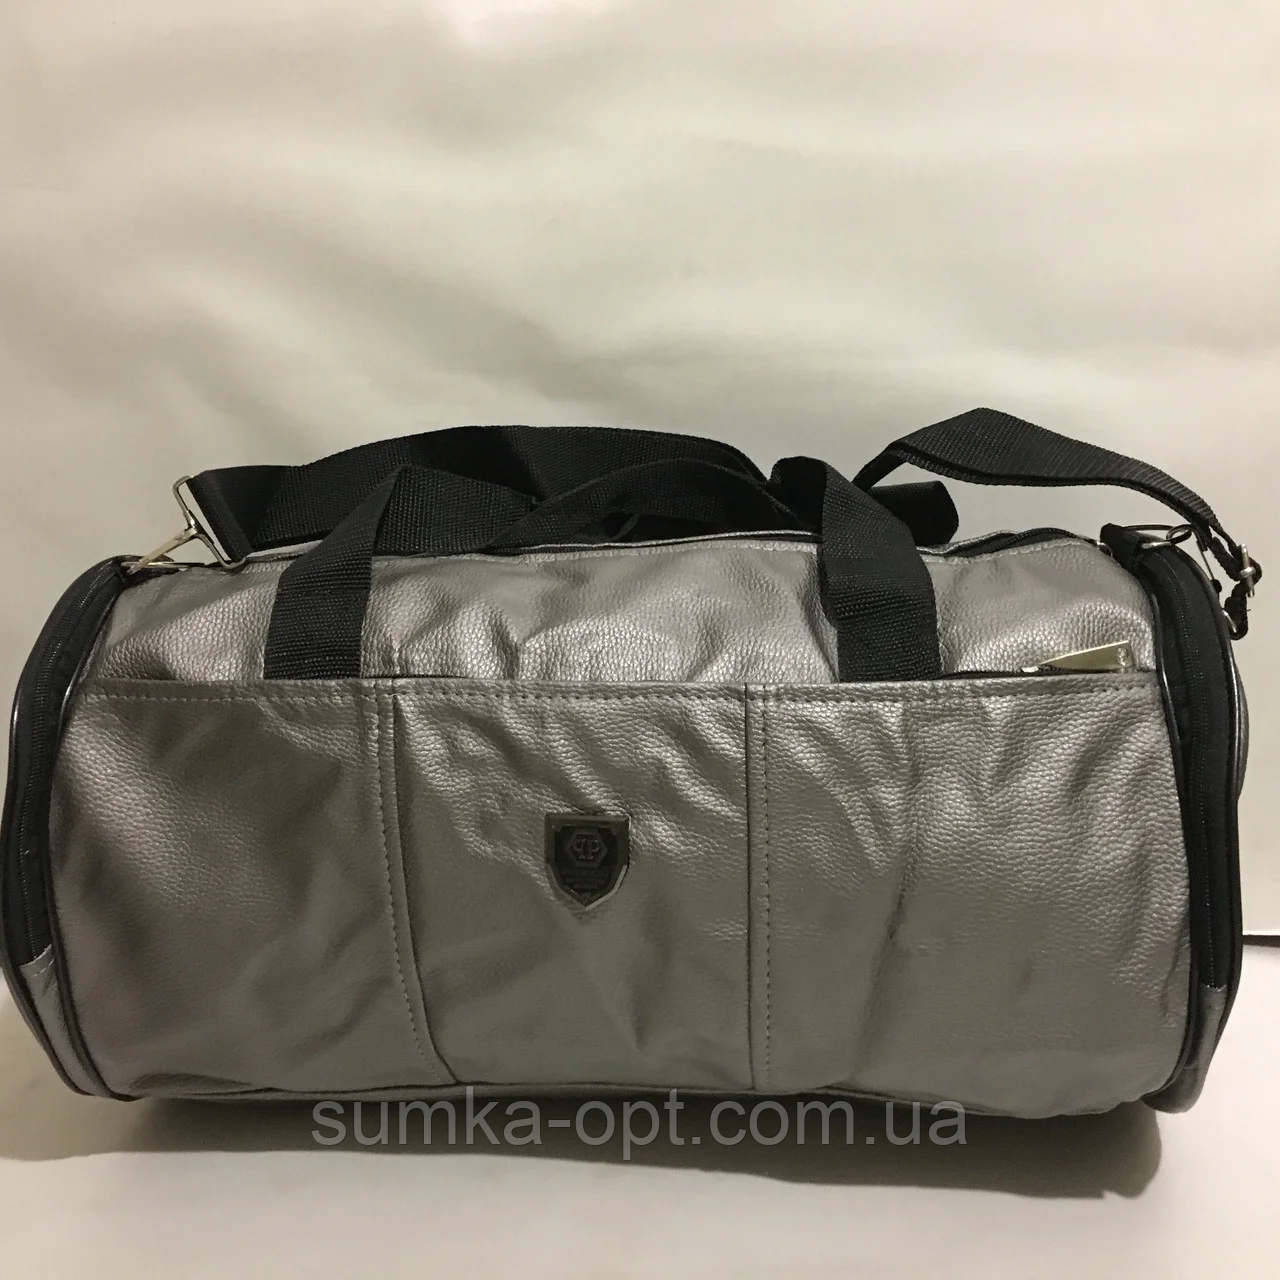 Спортивные большие сумки из эко кожи (СЕРЕБРО)24х46см